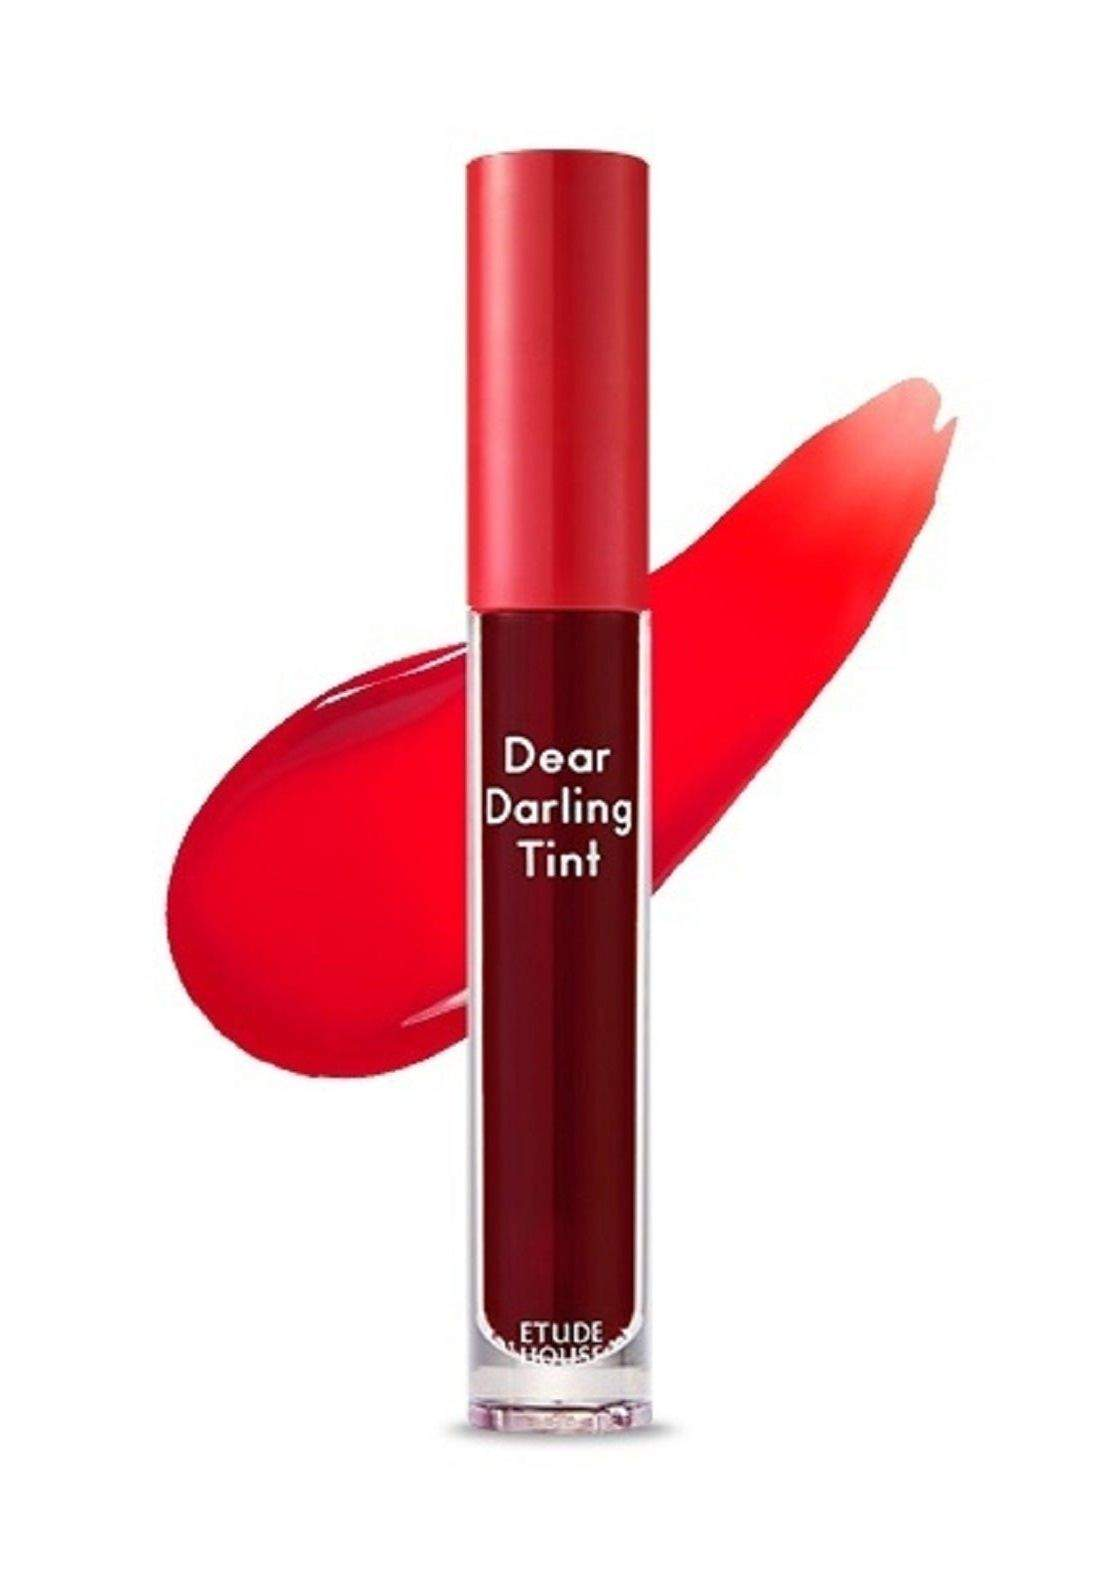 Dear Darling Lip Tint - PK002 تنت كوري من أيتود هاوس